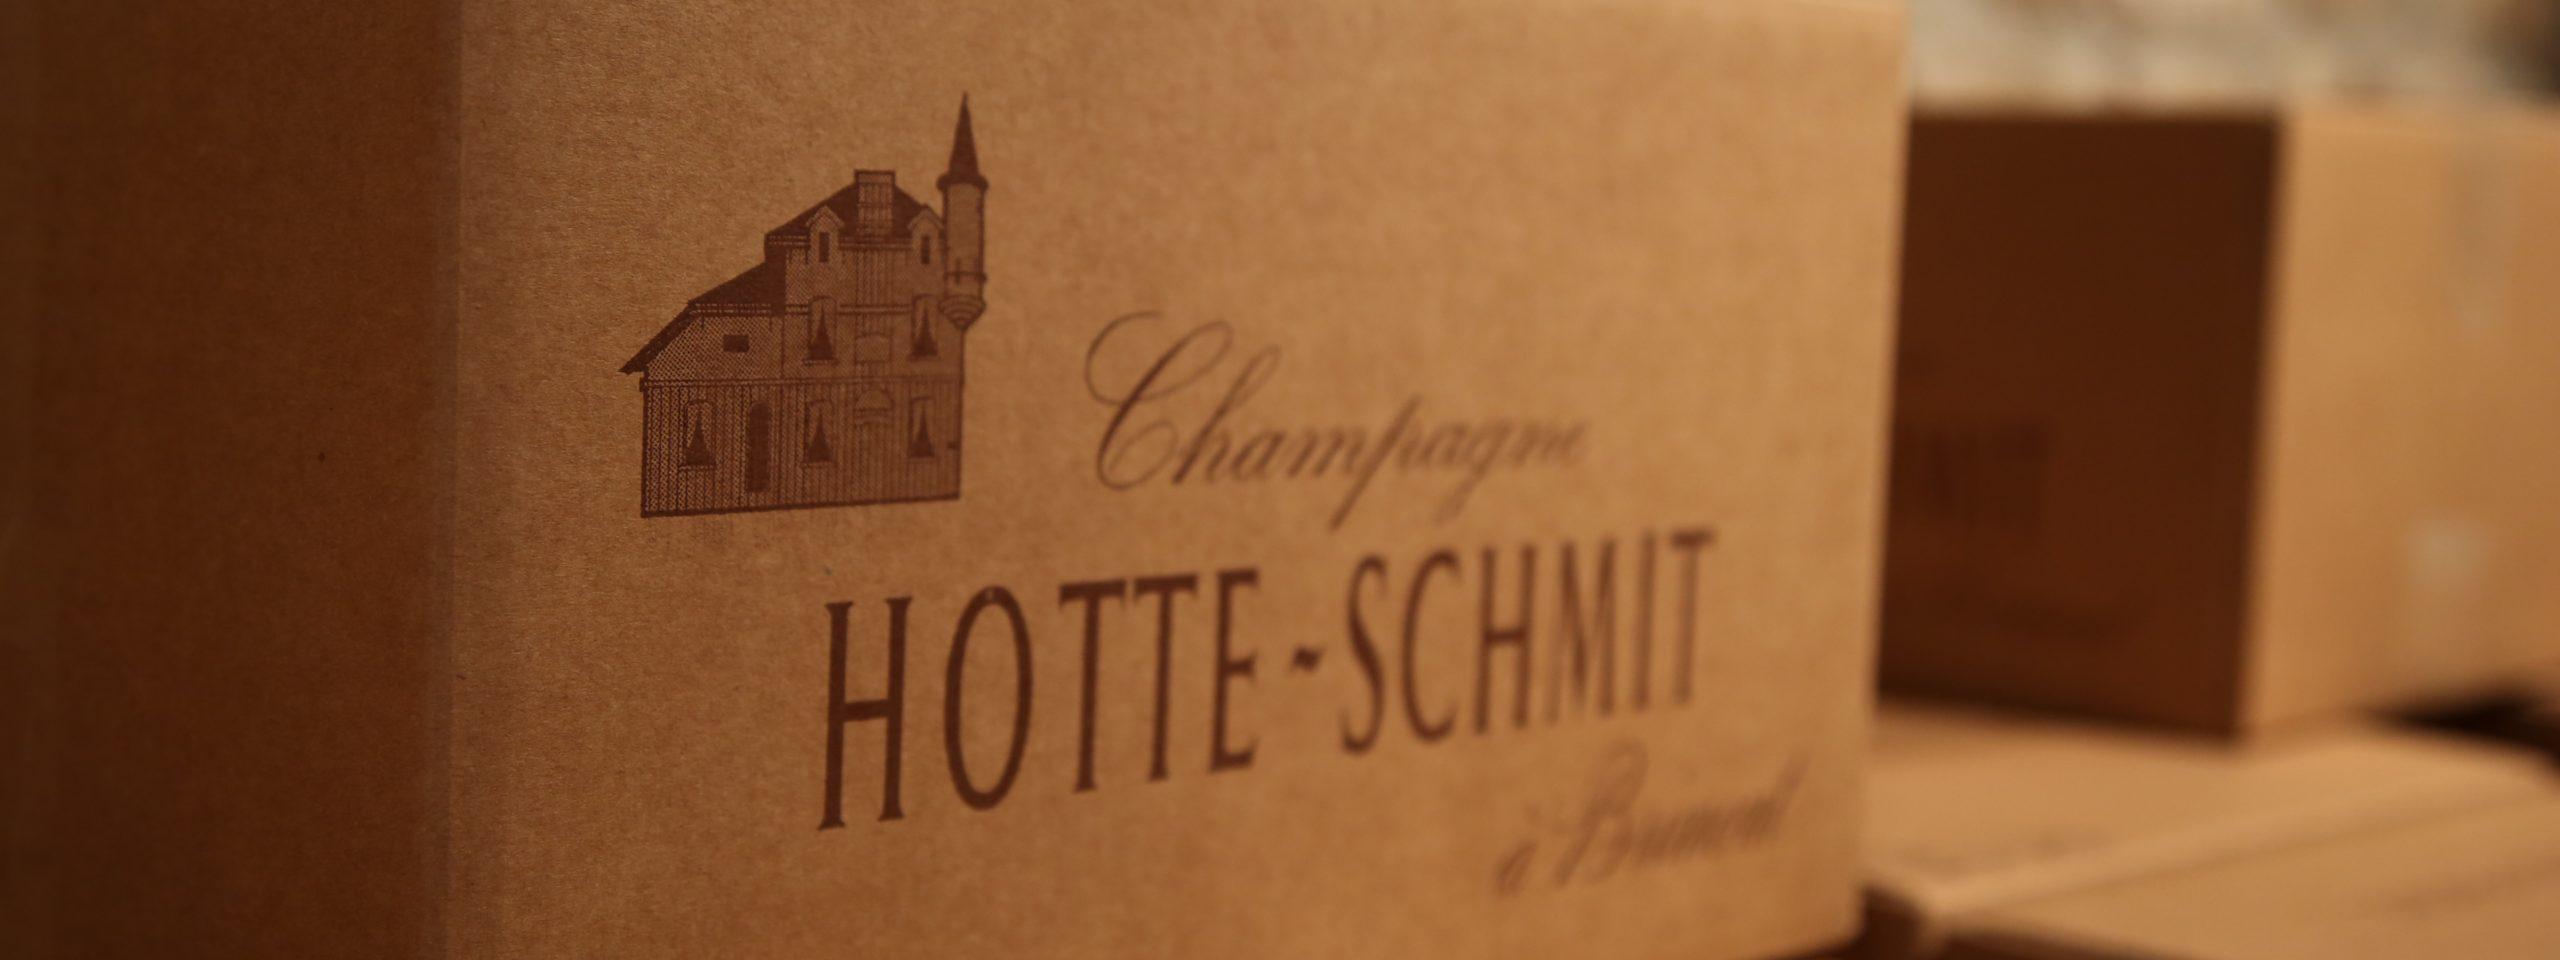 Un carton sur lequel est écrit «Champagne Hotte-Schmit».